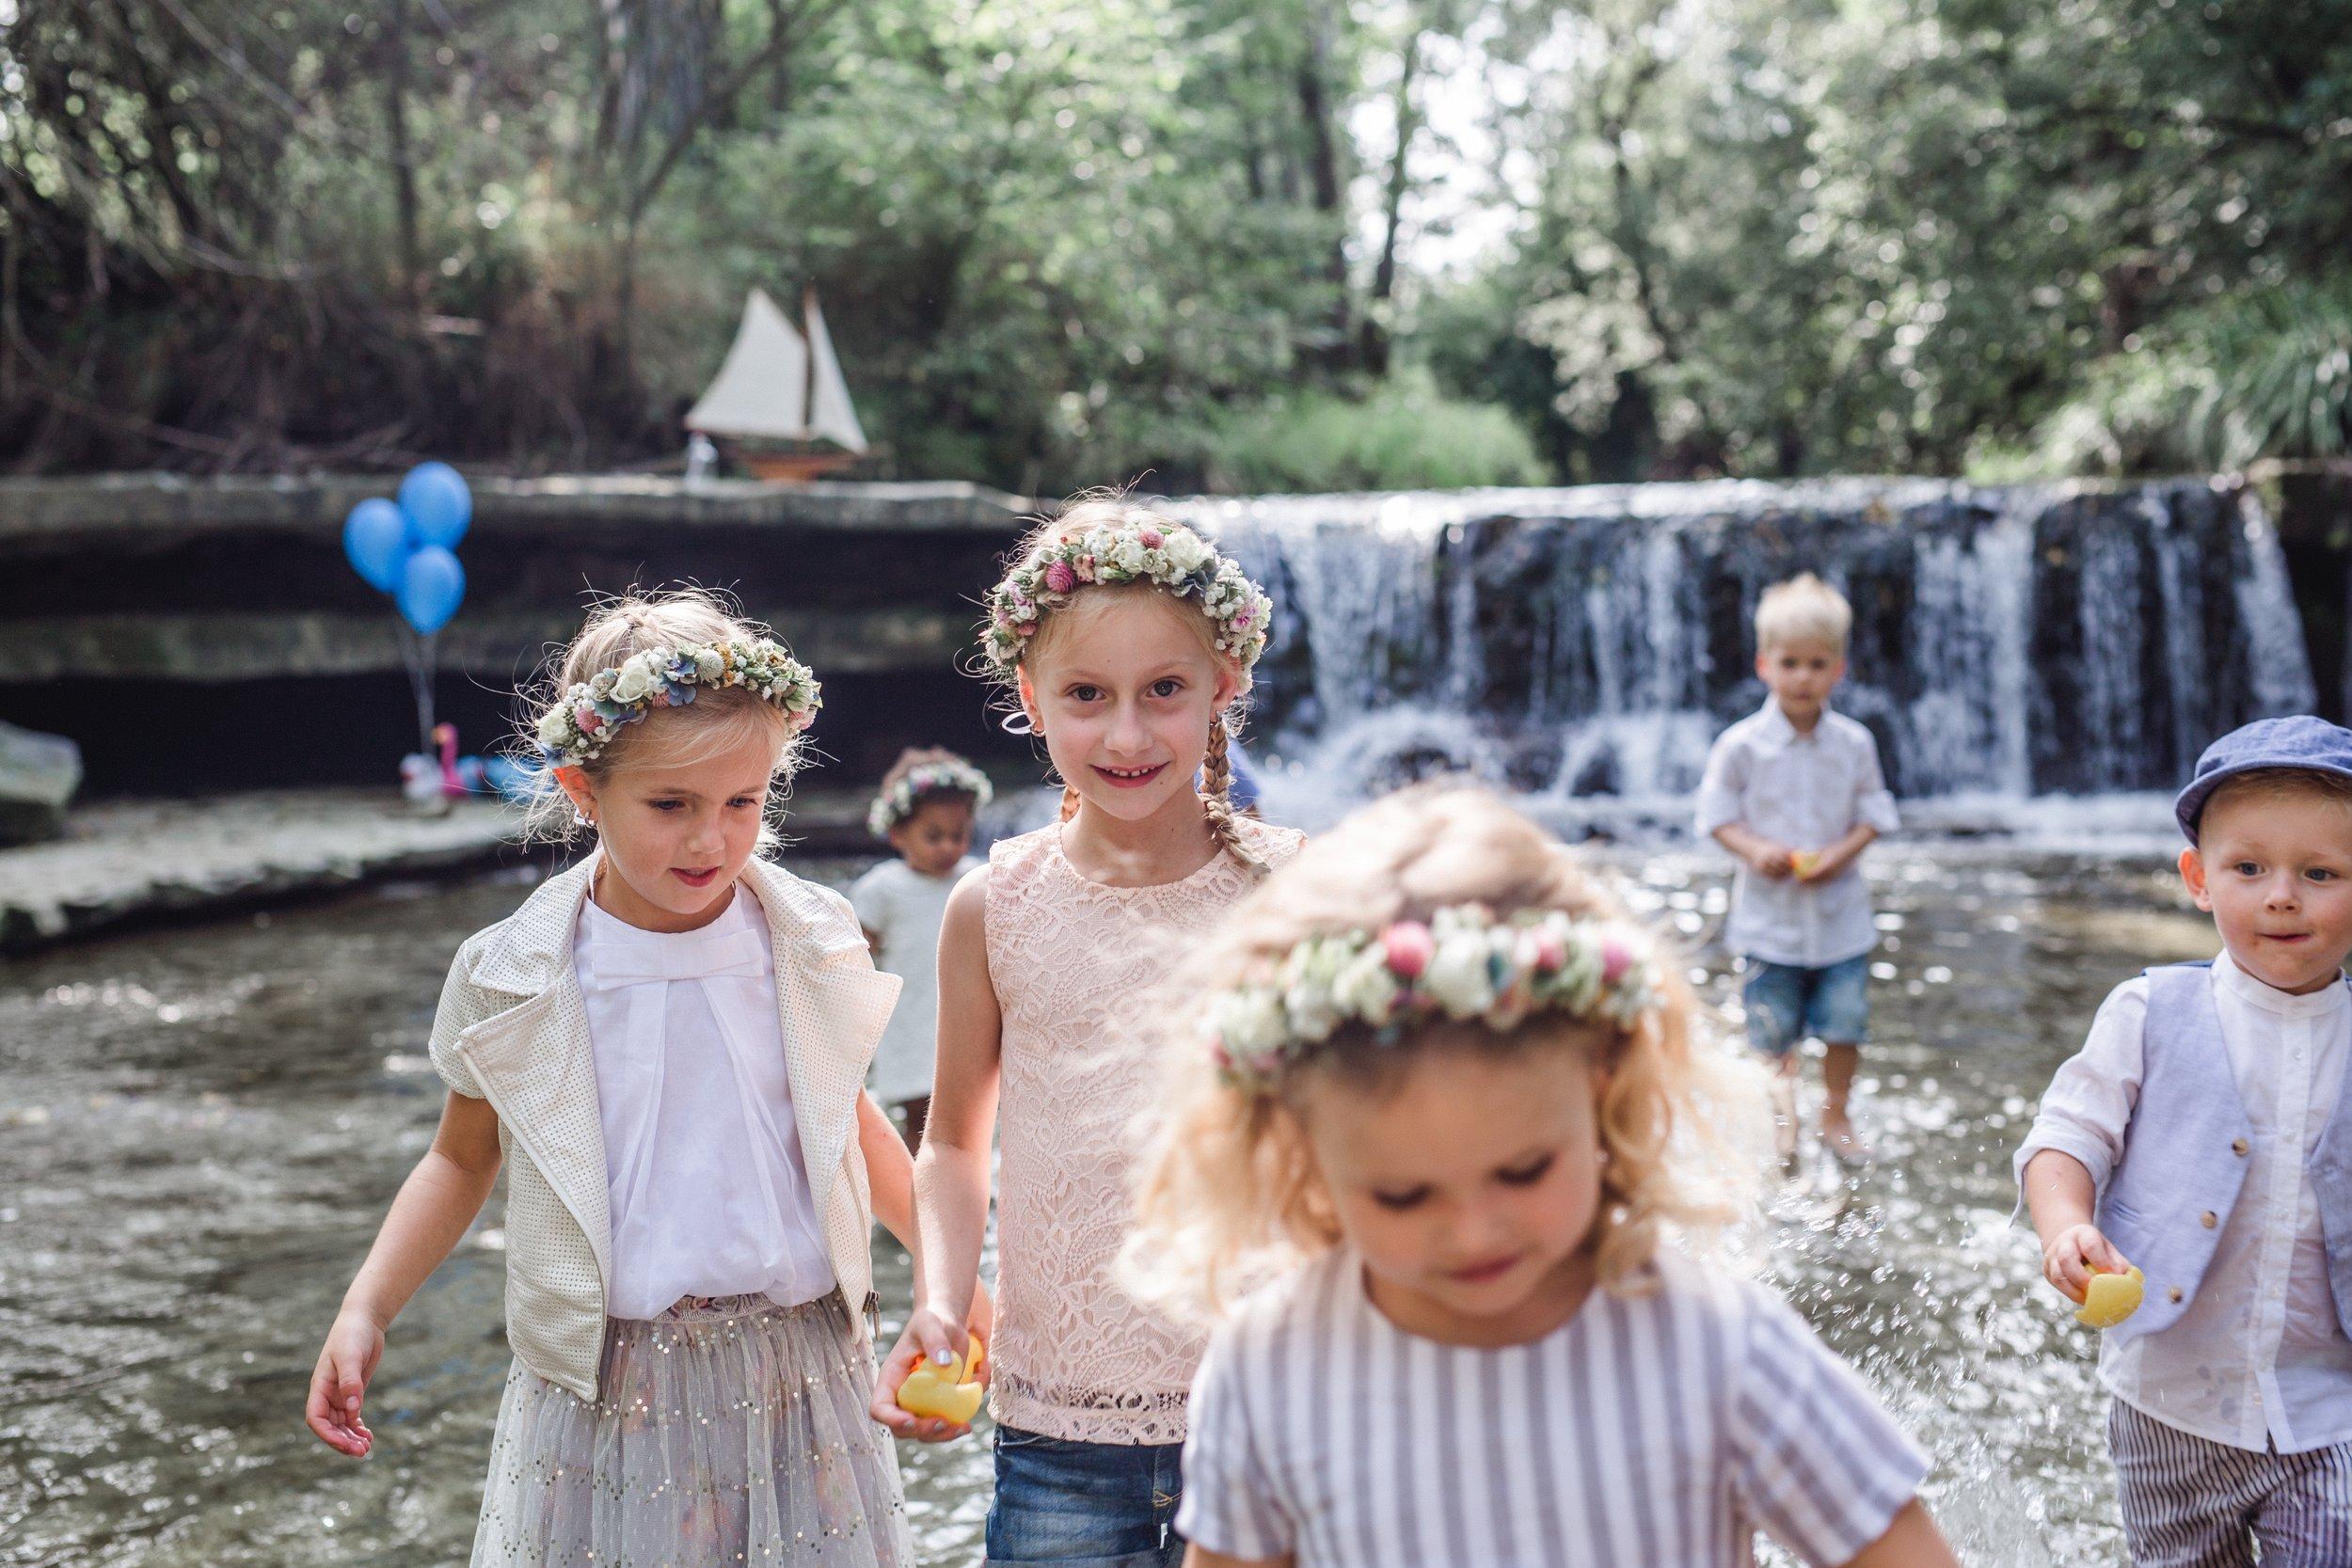 Kindershooting_Wasser-197.JPG